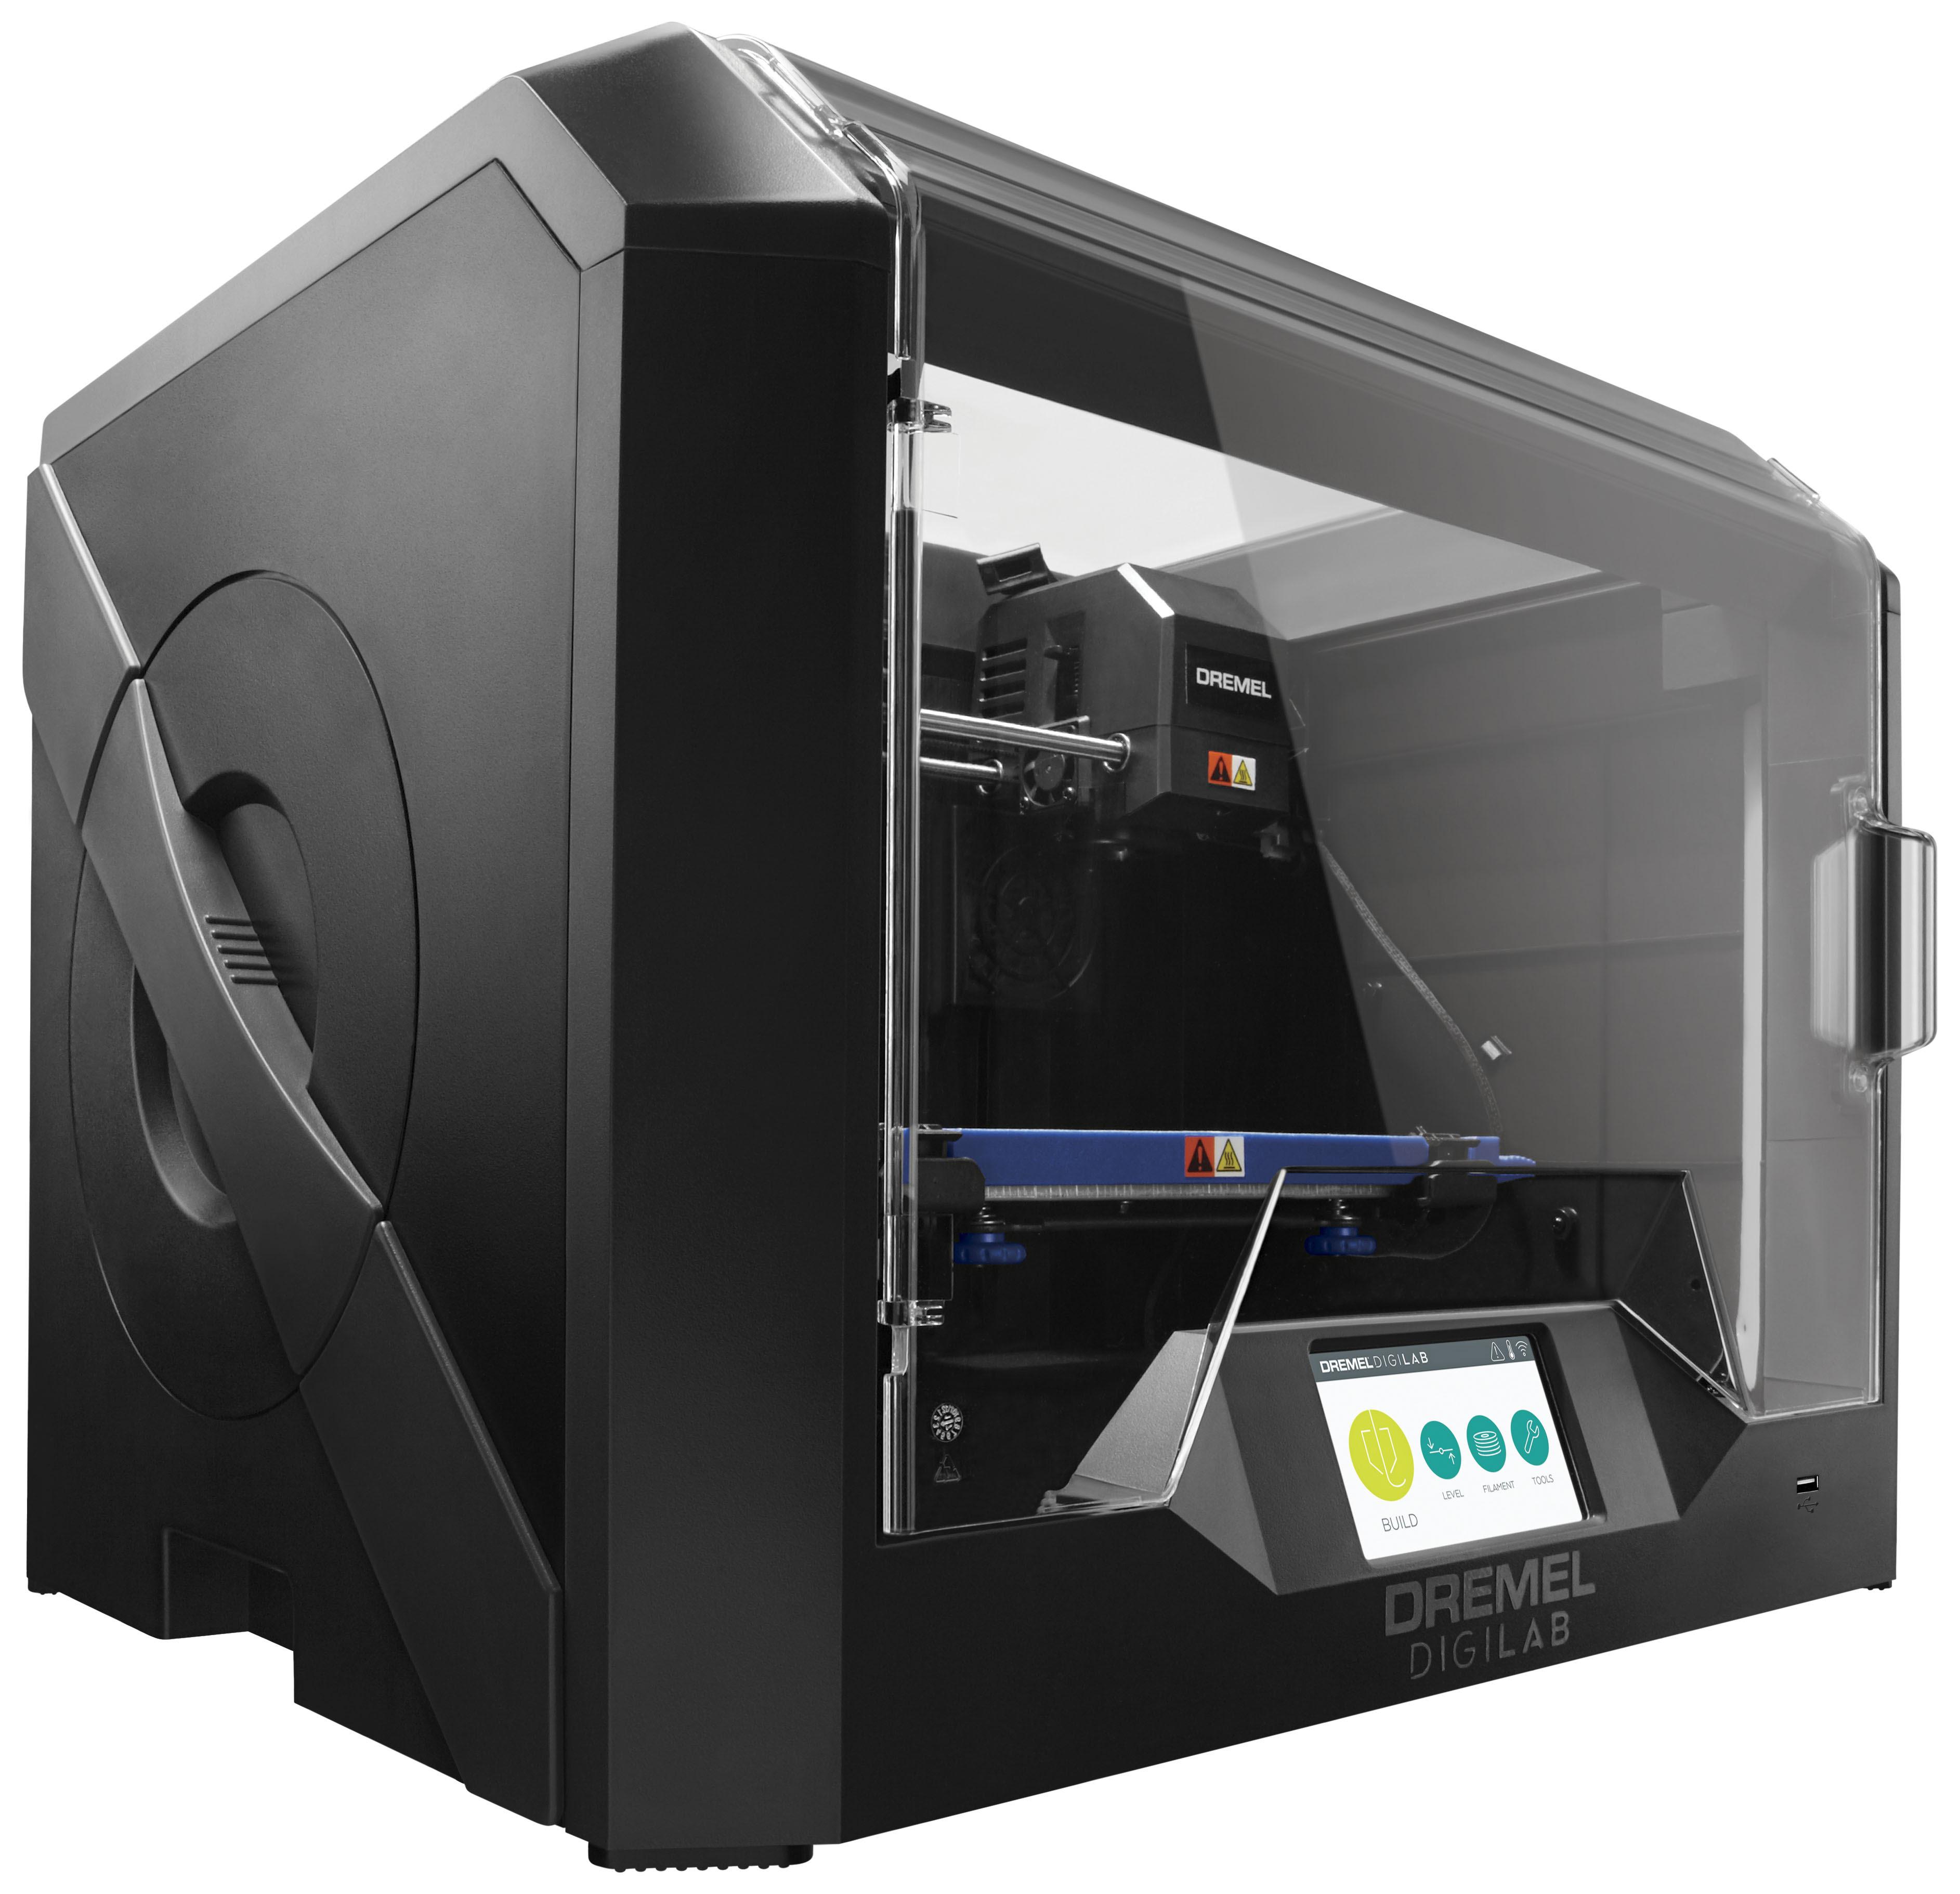 GE Dremel Digilab 3D45 3D printer